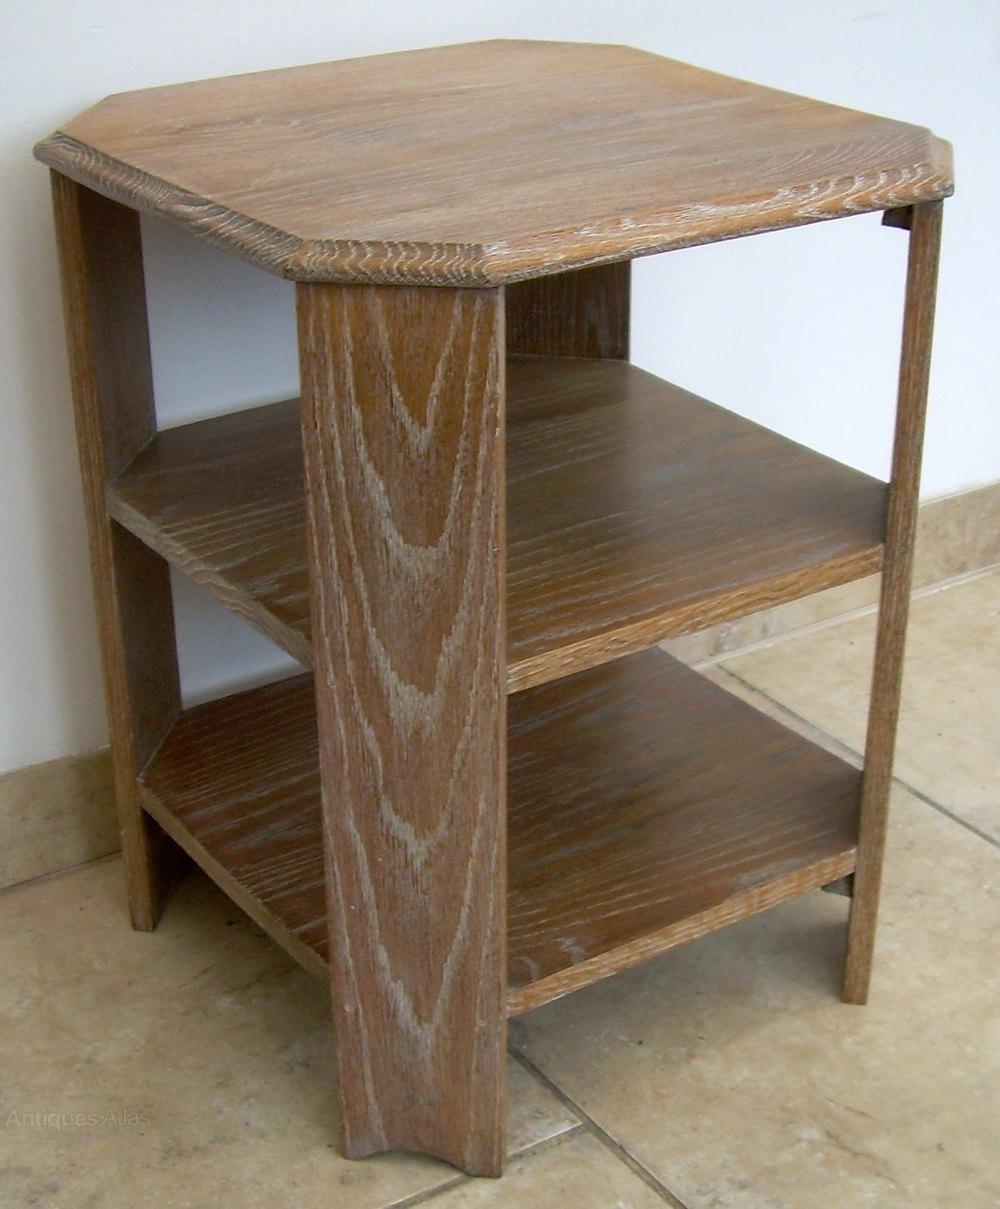 An Oak Art Deco Coffee Table